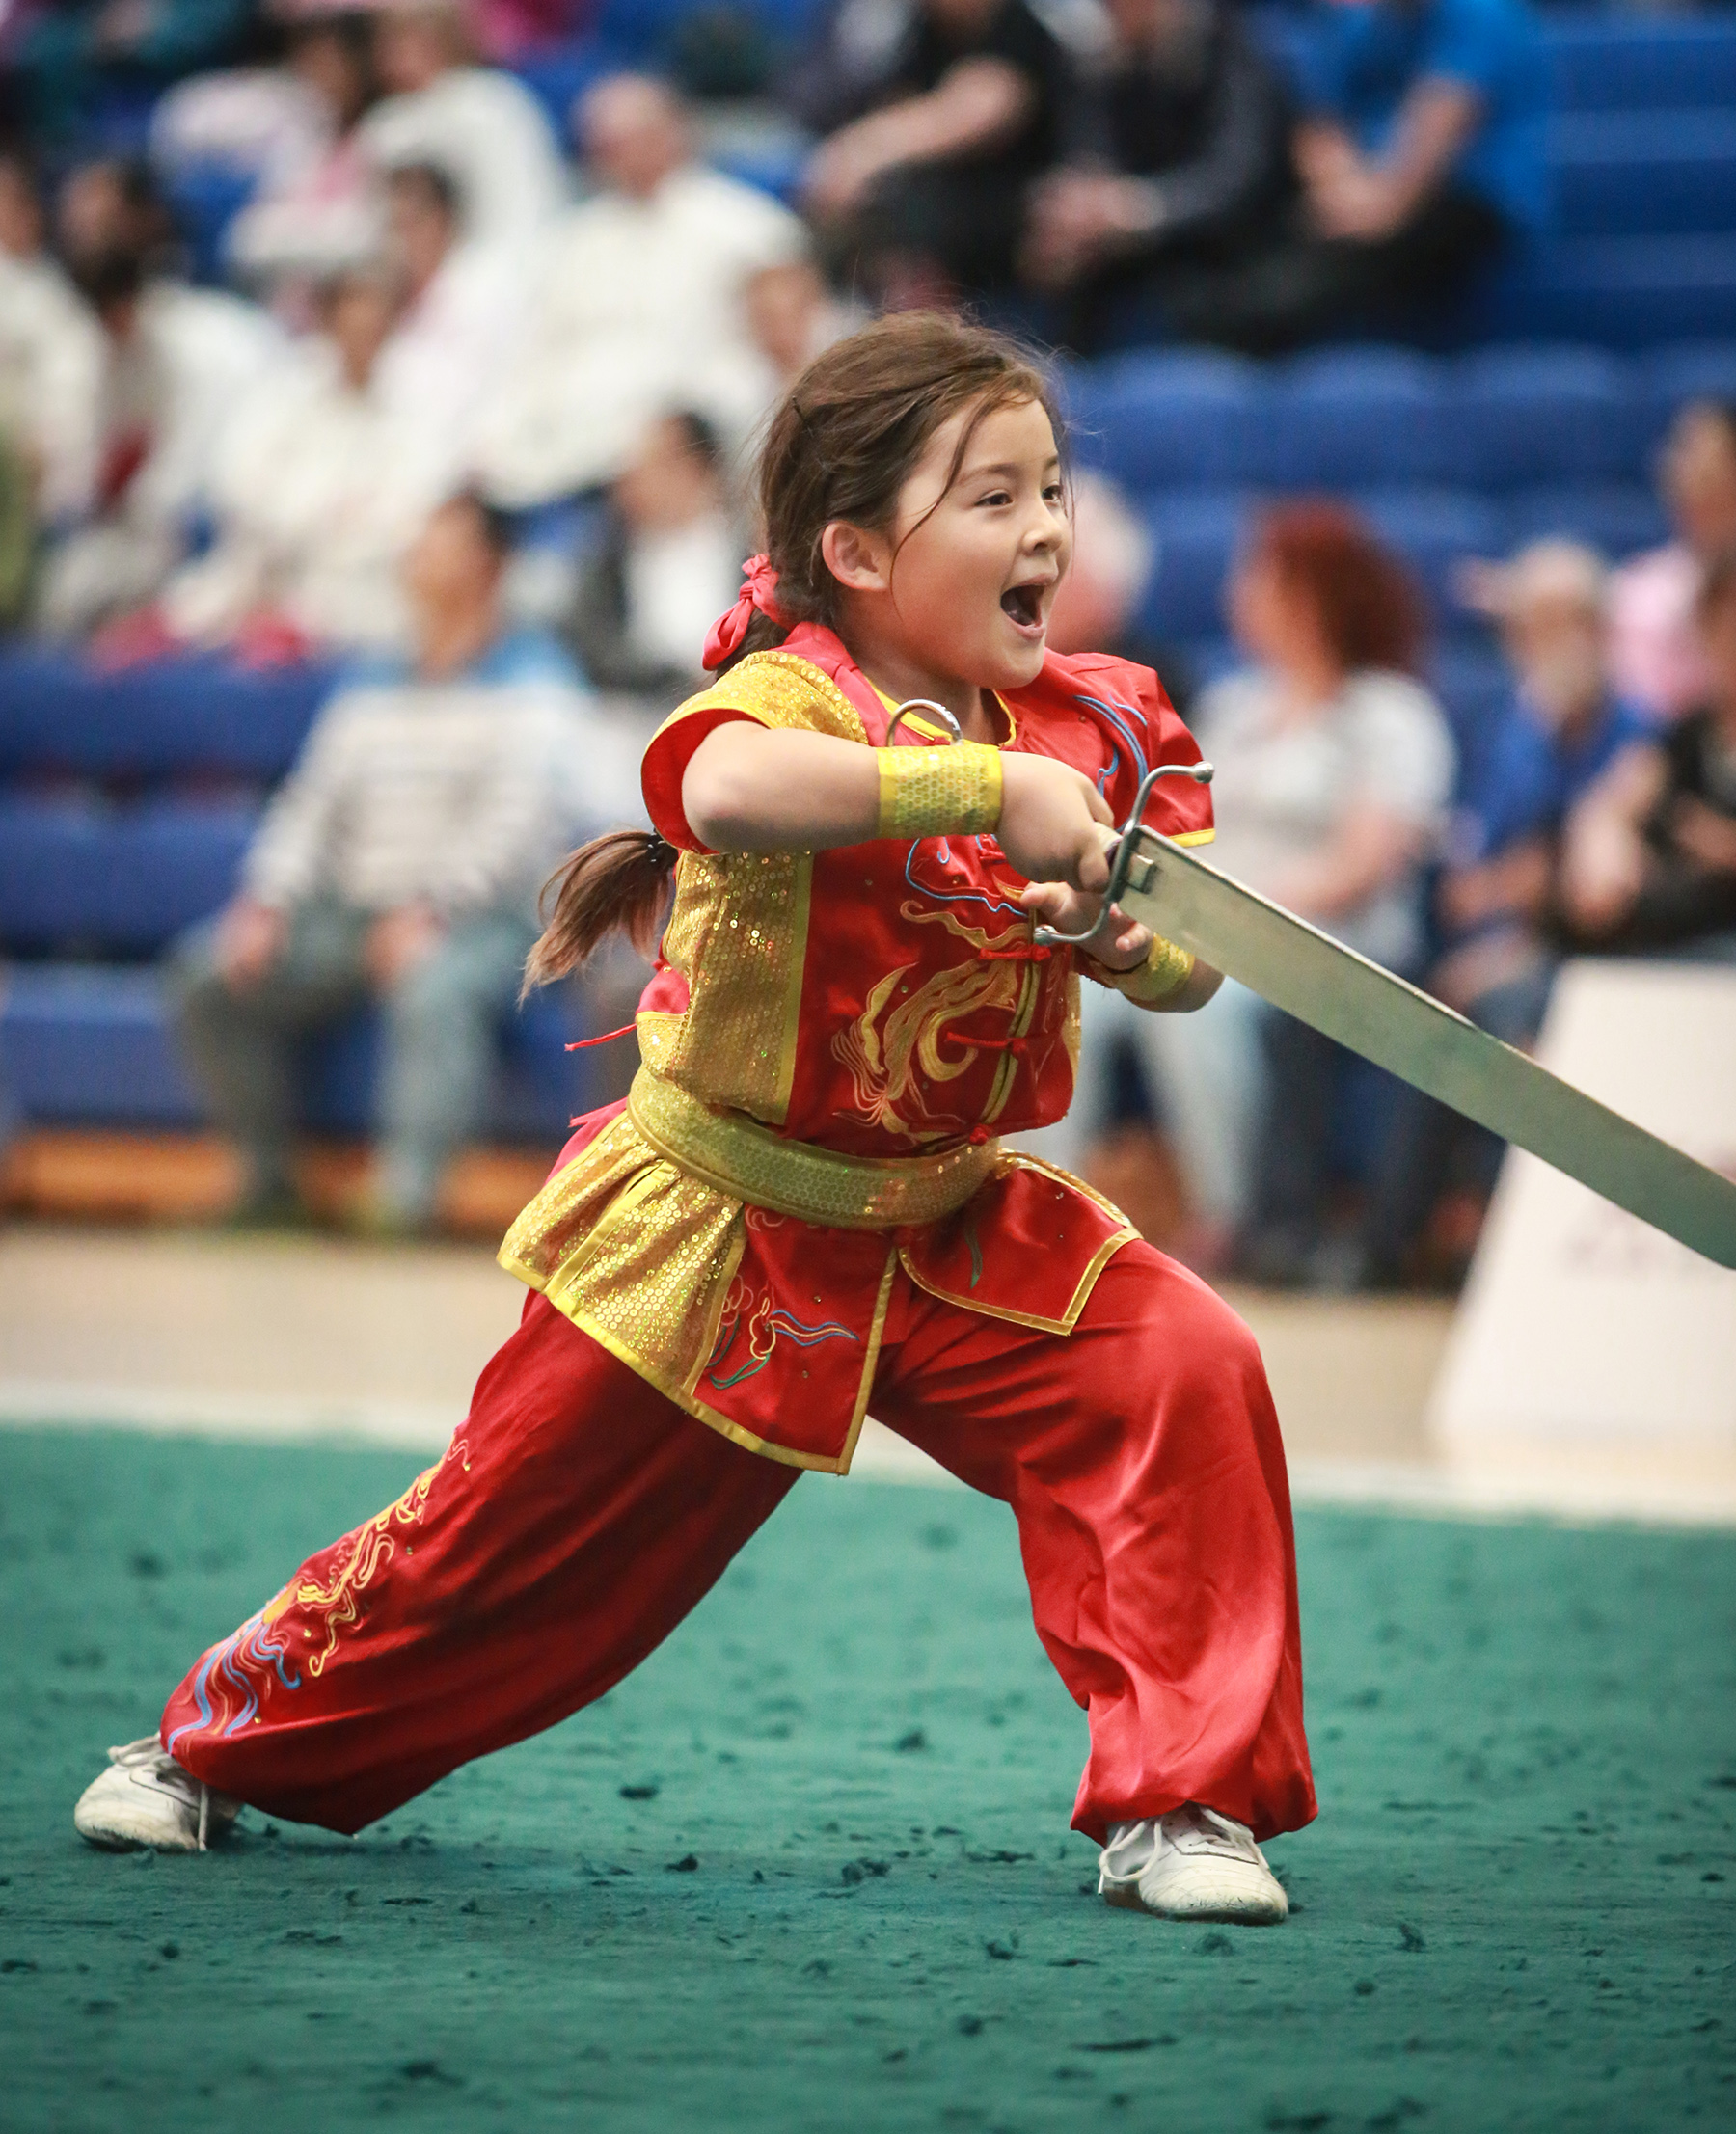 NZ Wushu 2019 Champs- Hailey Tung0004 co